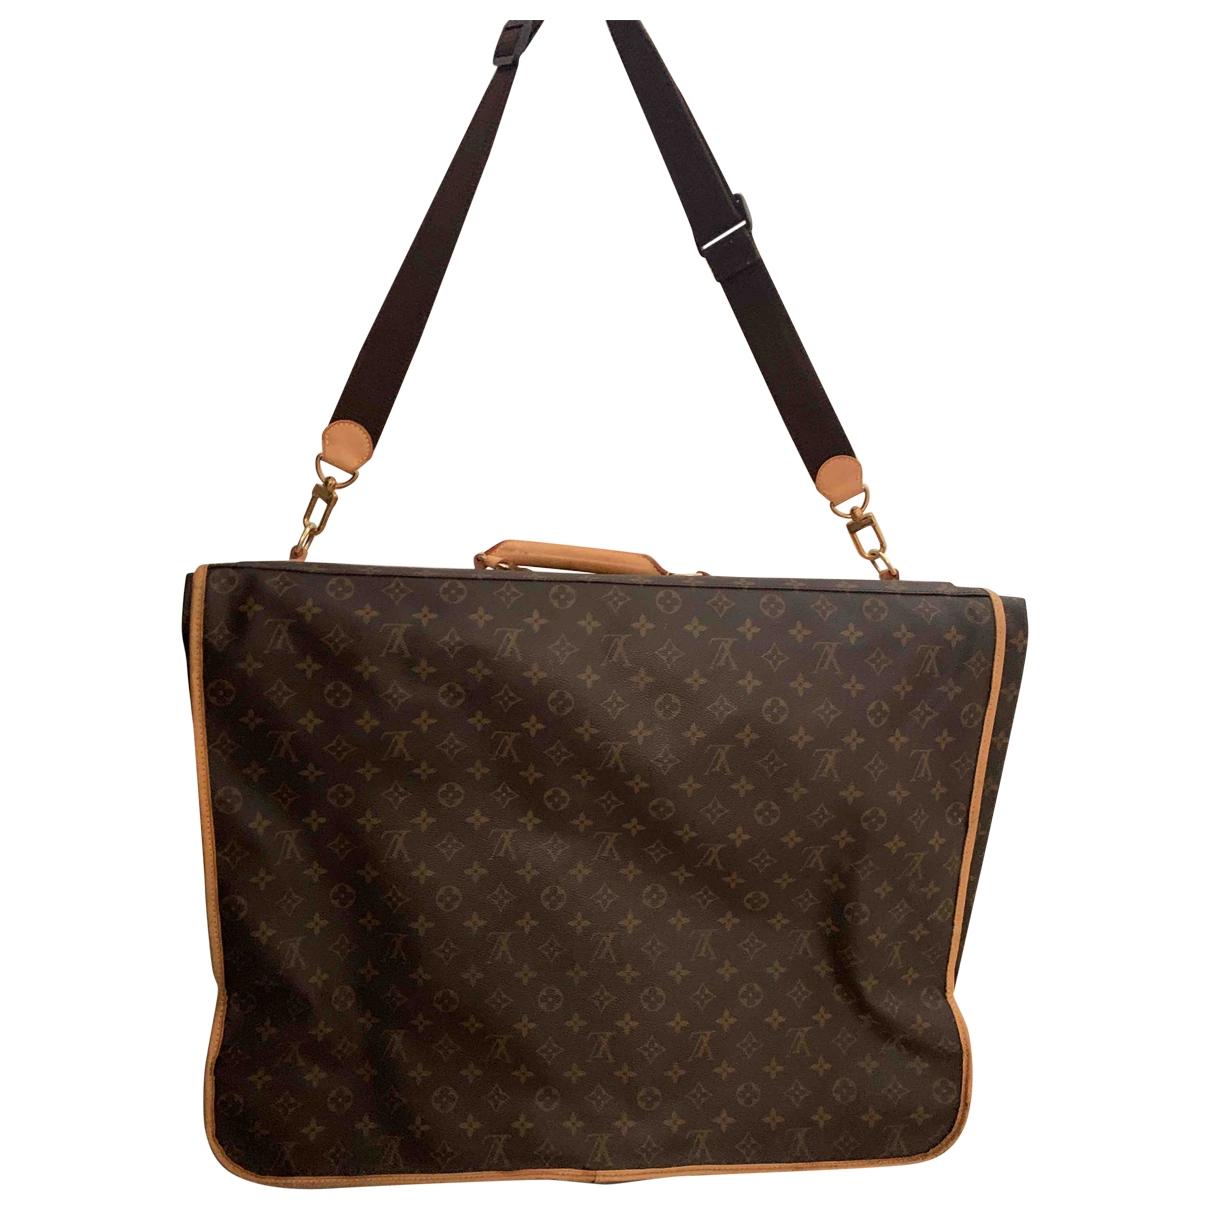 Louis Vuitton Garment Reisetasche in Leinen